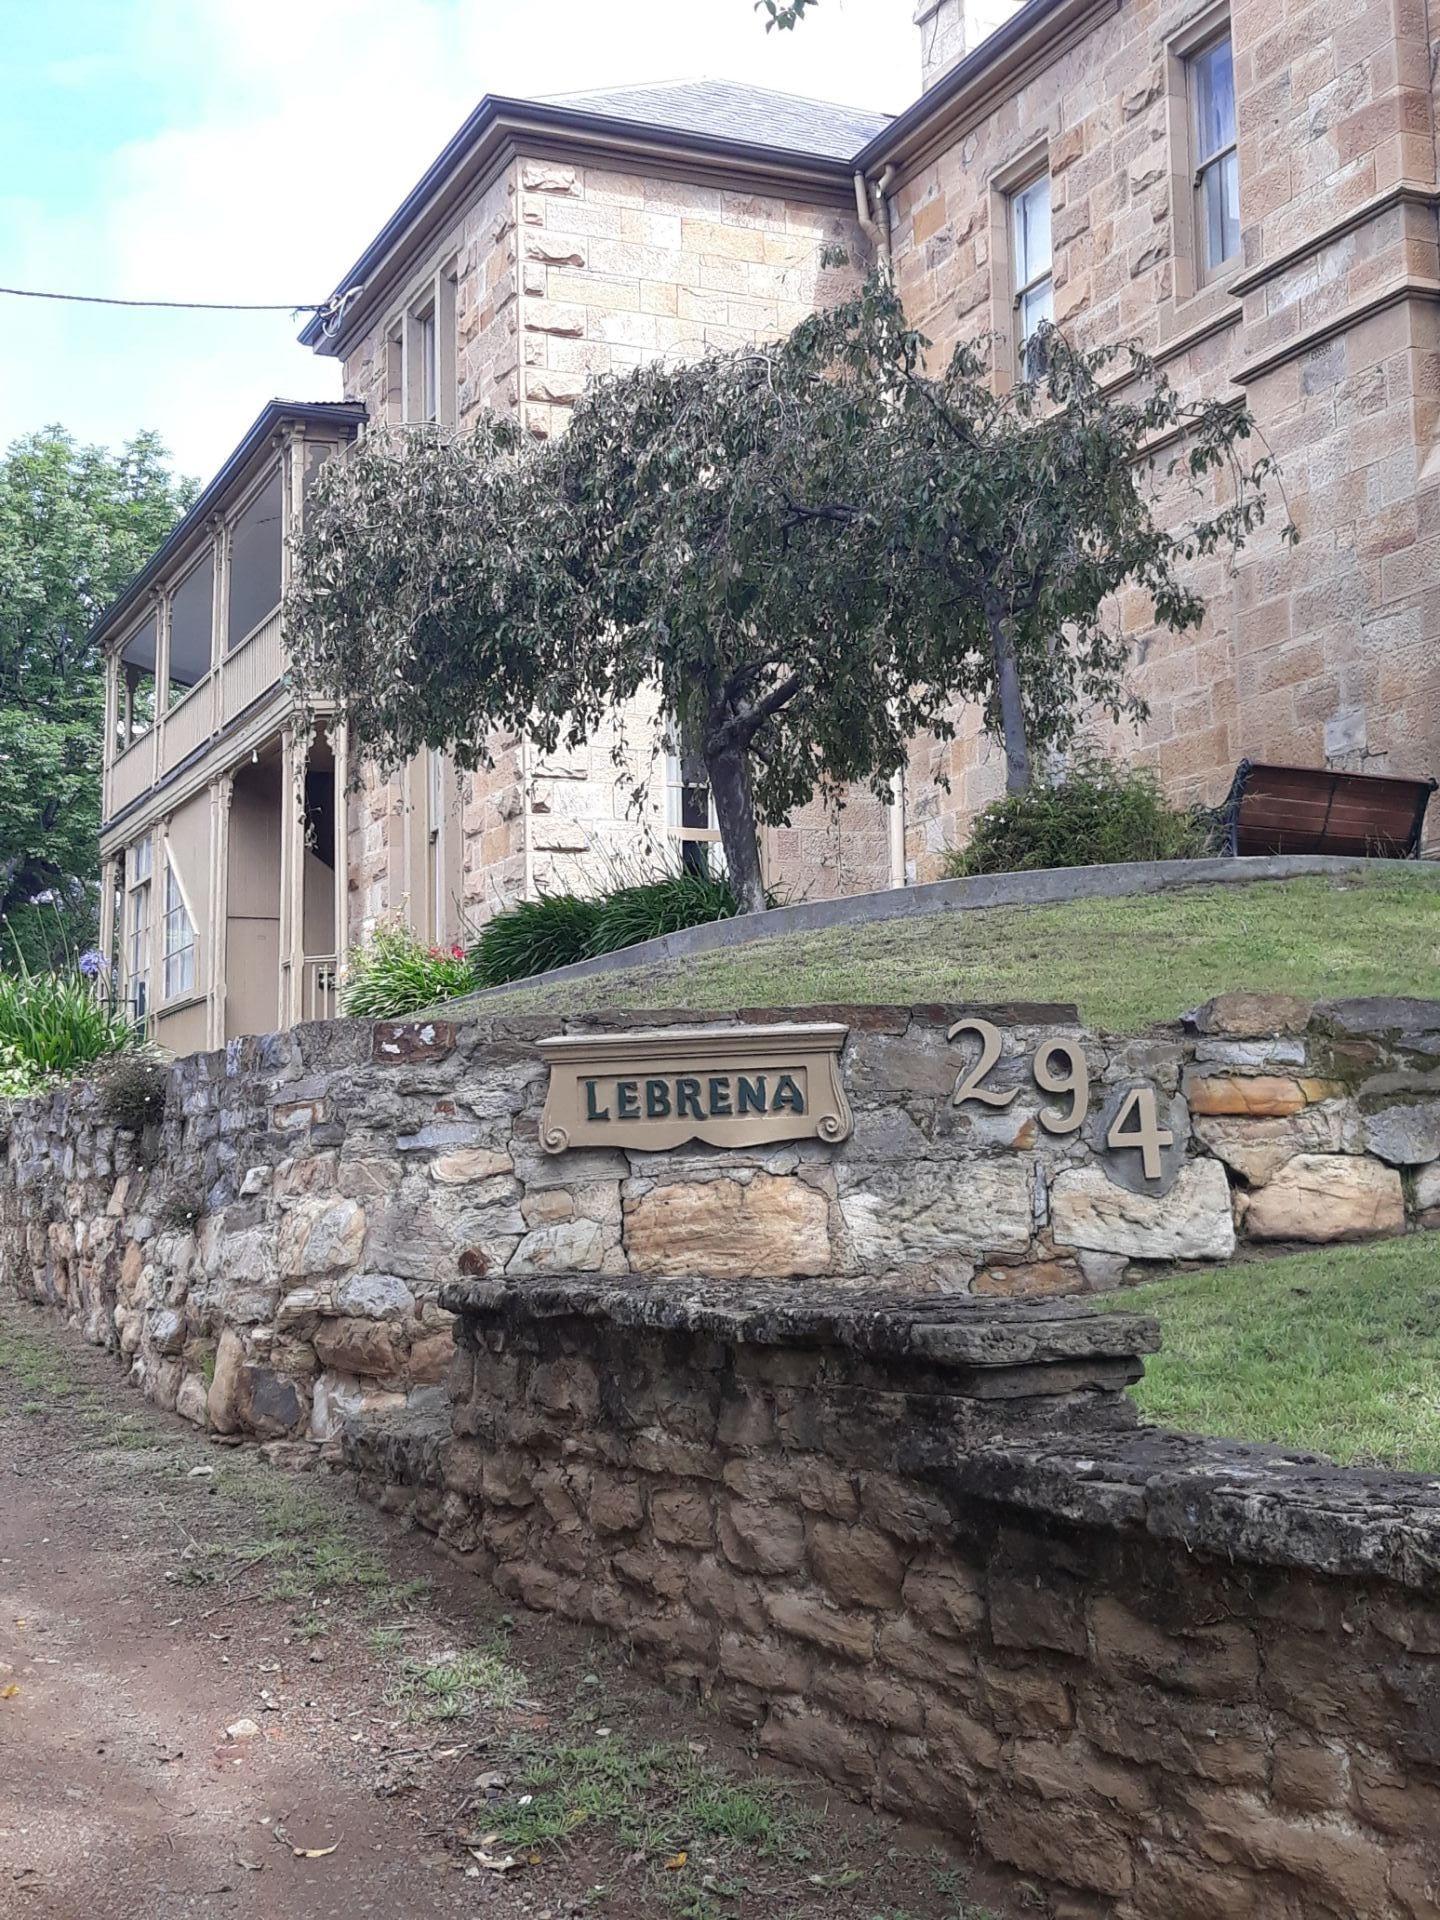 Lebrena